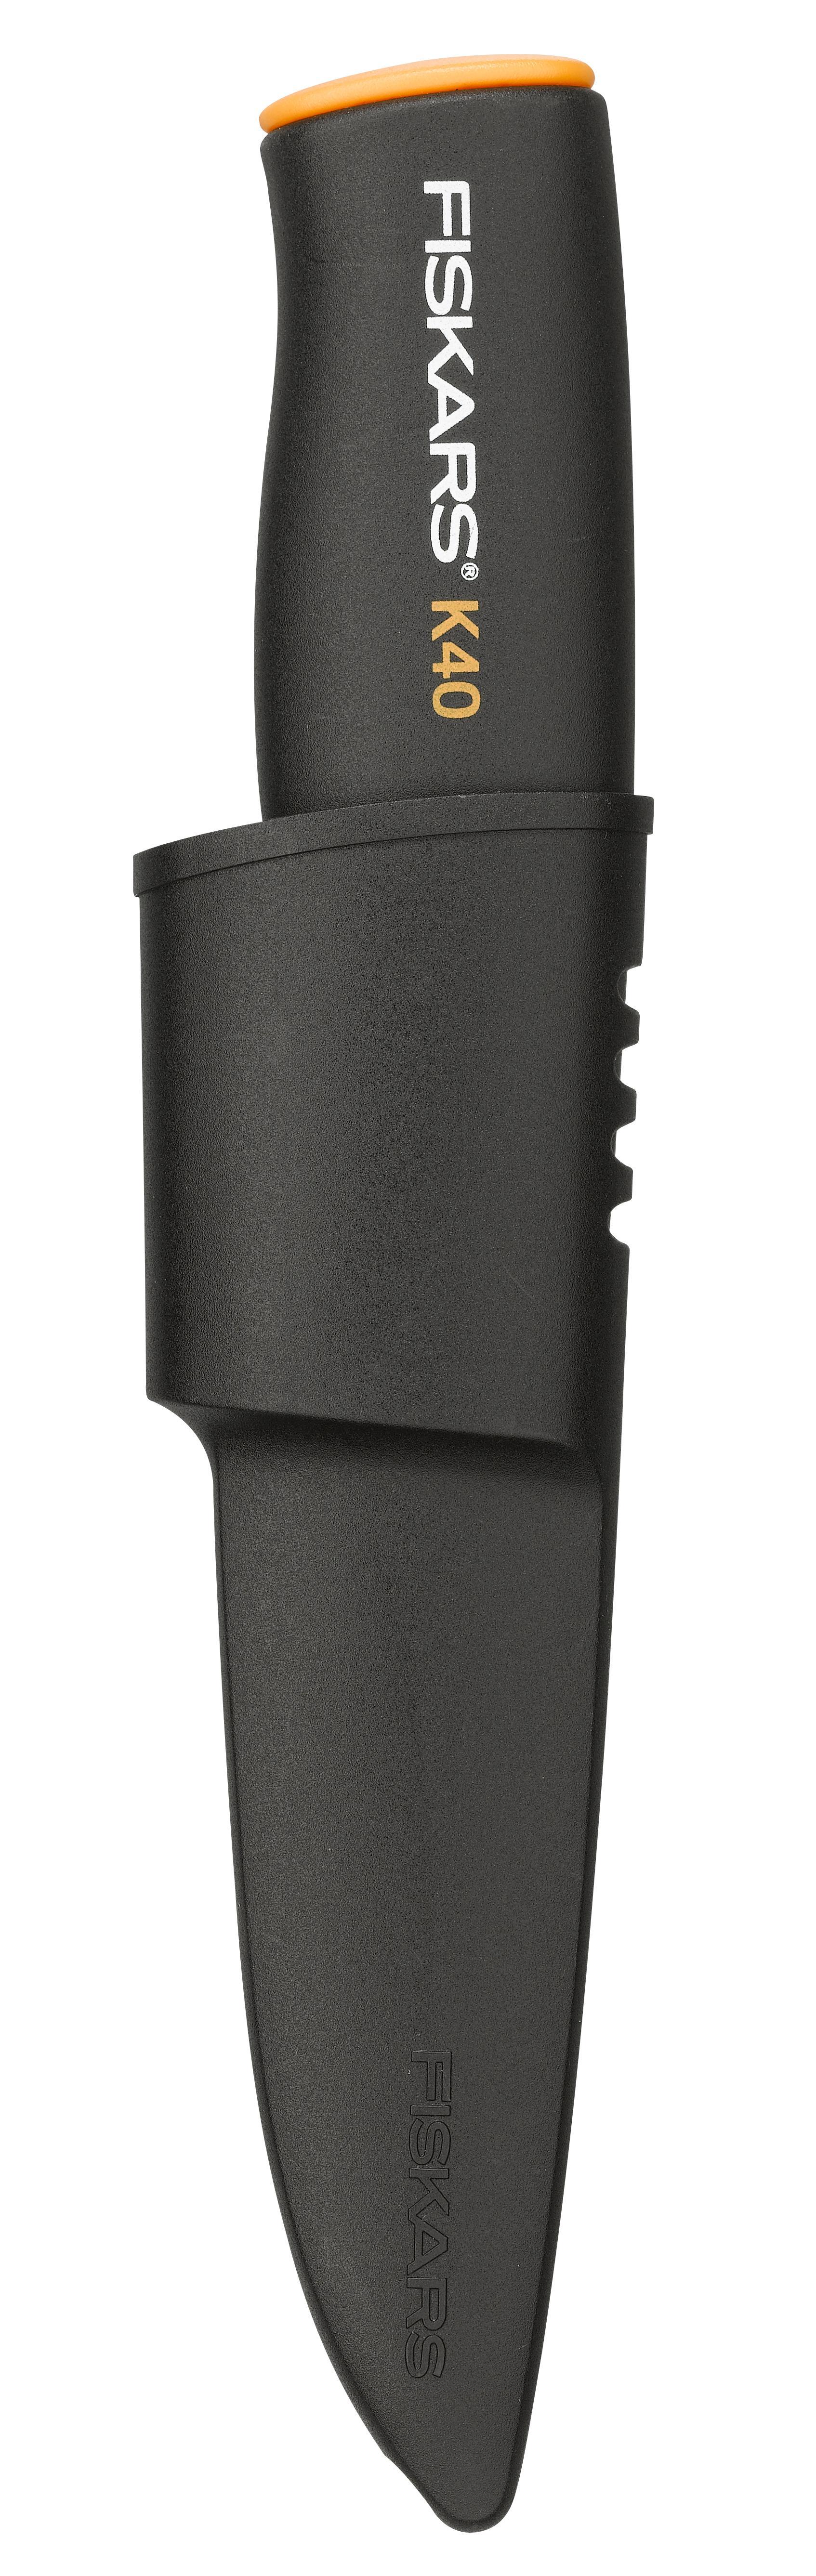 Нож-поплавок Fiskars 125860 от 220 Вольт